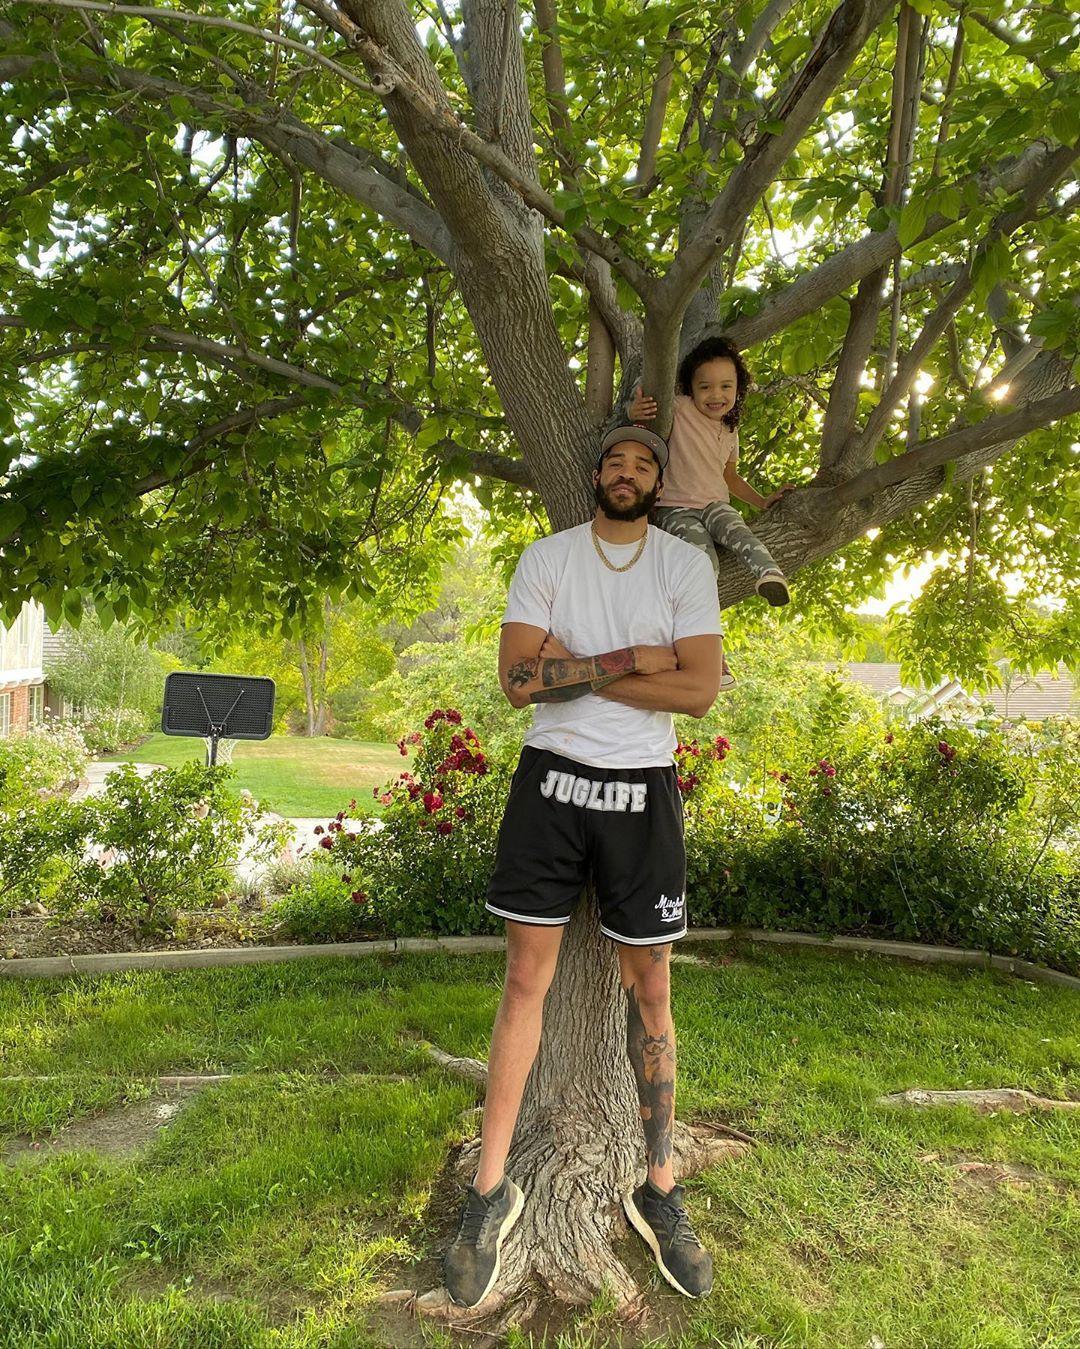 父女情深!麦基晒出自己陪坐在树上的女儿玩耍时的照片